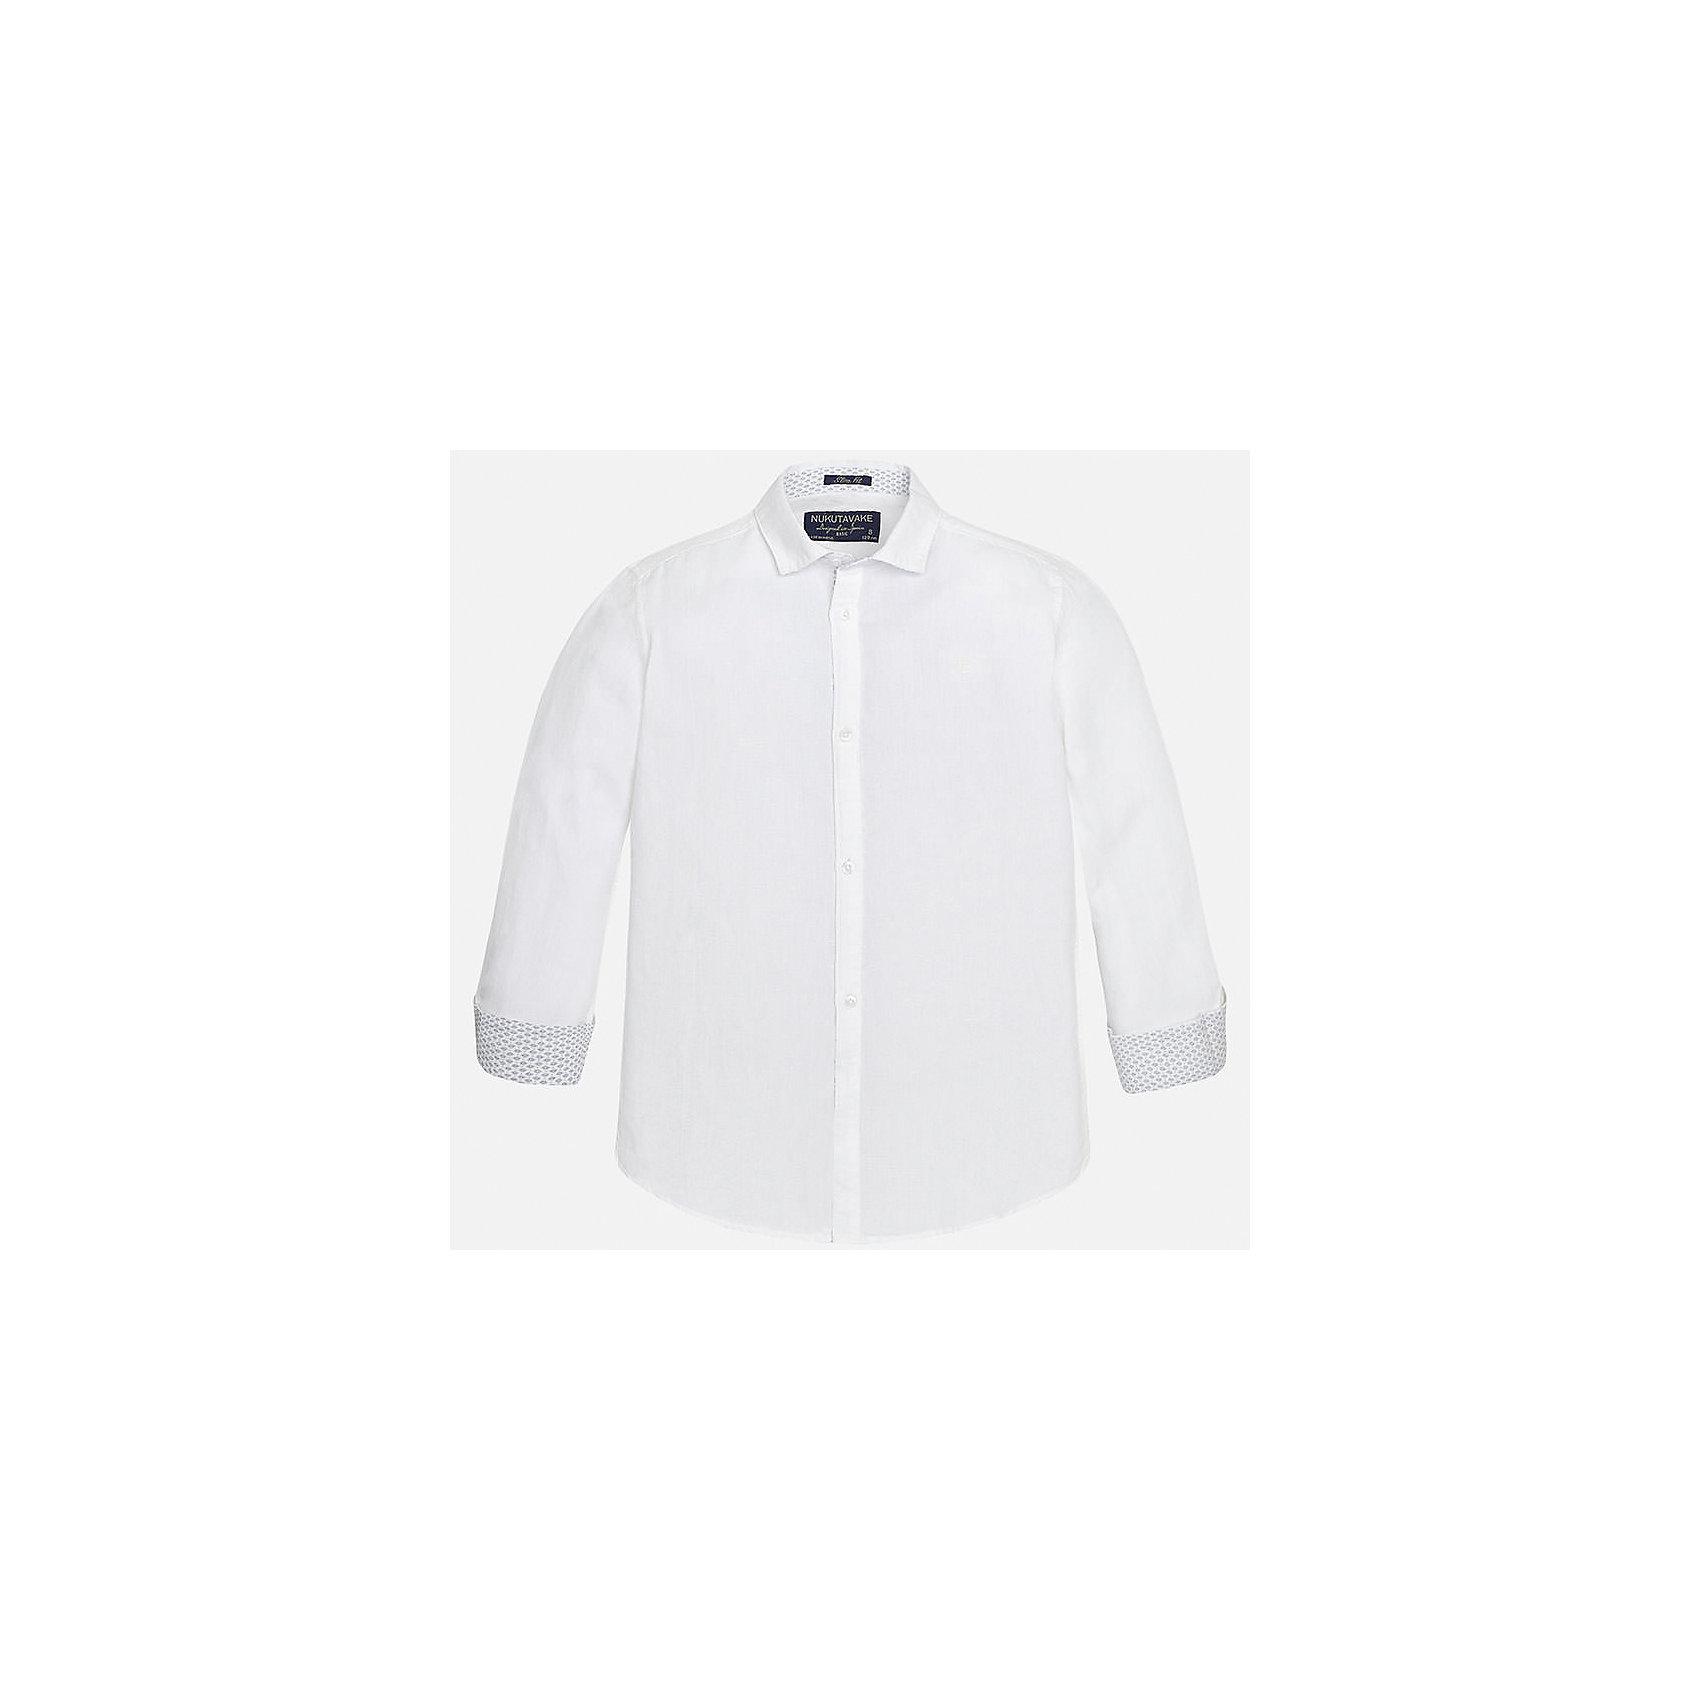 Рубашка для мальчика MayoralБлузки и рубашки<br>Характеристики товара:<br><br>• цвет: белый<br>• состав: 70% хлопок, 30% лен<br>• отложной воротник<br>• рукава с отворотами<br>• застежка: пуговицы<br>• прямой силуэт<br>• страна бренда: Испания<br><br>Удобная рубашка классического кроя для мальчика может стать базовой вещью в гардеробе ребенка. Она отлично сочетается с брюками, шортами, джинсами и т.д. Универсальный крой и цвет позволяет подобрать к вещи низ разных расцветок. Практичное и стильное изделие! В составе материала - натуральный хлопок, гипоаллергенный, приятный на ощупь, дышащий.<br><br>Одежда, обувь и аксессуары от испанского бренда Mayoral полюбились детям и взрослым по всему миру. Модели этой марки - стильные и удобные. Для их производства используются только безопасные, качественные материалы и фурнитура. Порадуйте ребенка модными и красивыми вещами от Mayoral! <br><br>Рубашку для мальчика от испанского бренда Mayoral (Майорал) можно купить в нашем интернет-магазине.<br><br>Ширина мм: 174<br>Глубина мм: 10<br>Высота мм: 169<br>Вес г: 157<br>Цвет: белый<br>Возраст от месяцев: 84<br>Возраст до месяцев: 96<br>Пол: Мужской<br>Возраст: Детский<br>Размер: 128/134,170,164,158,152,140<br>SKU: 5278321